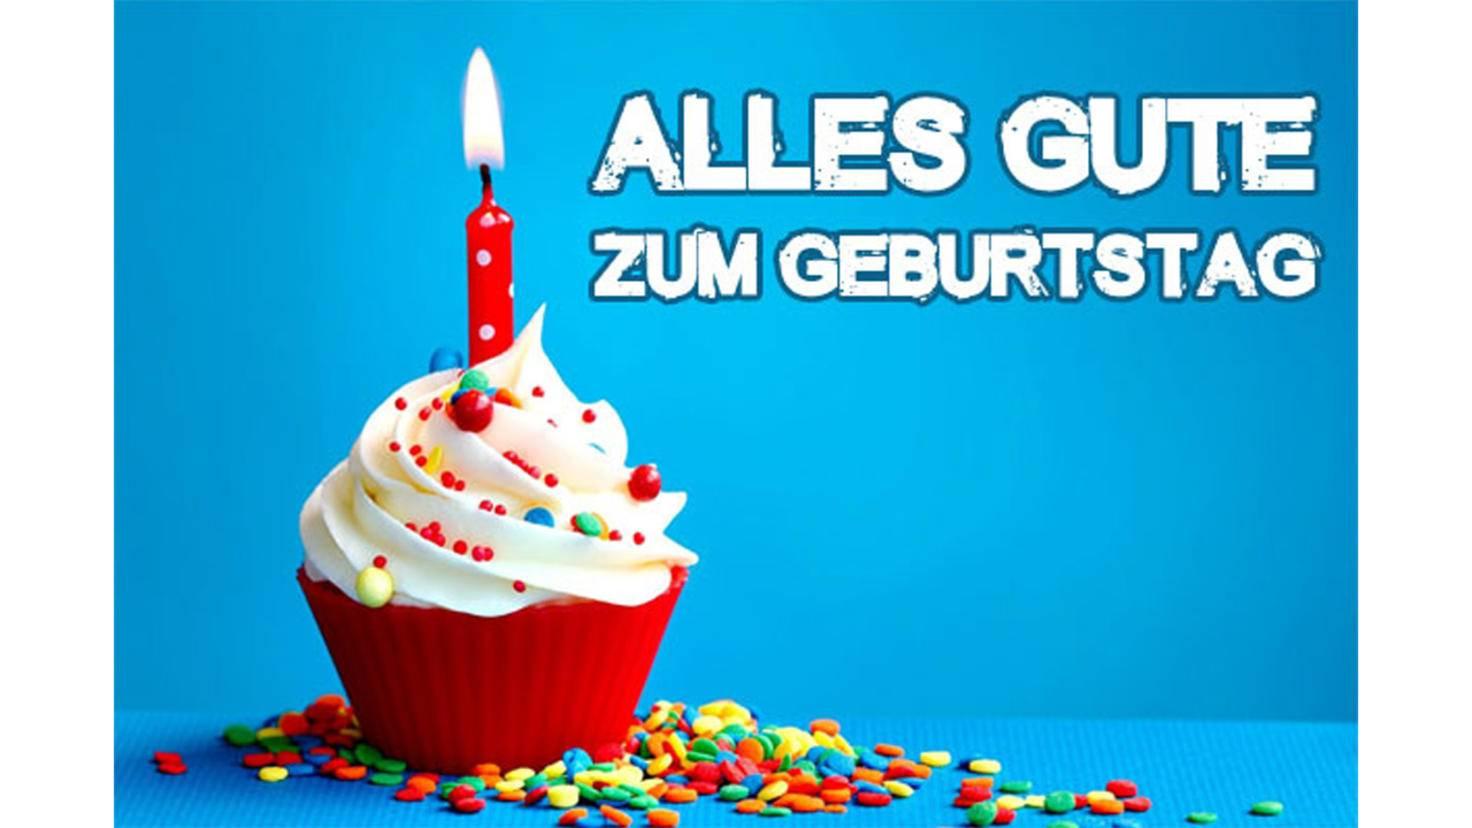 Whatsapp Grüße Zum Geburtstag